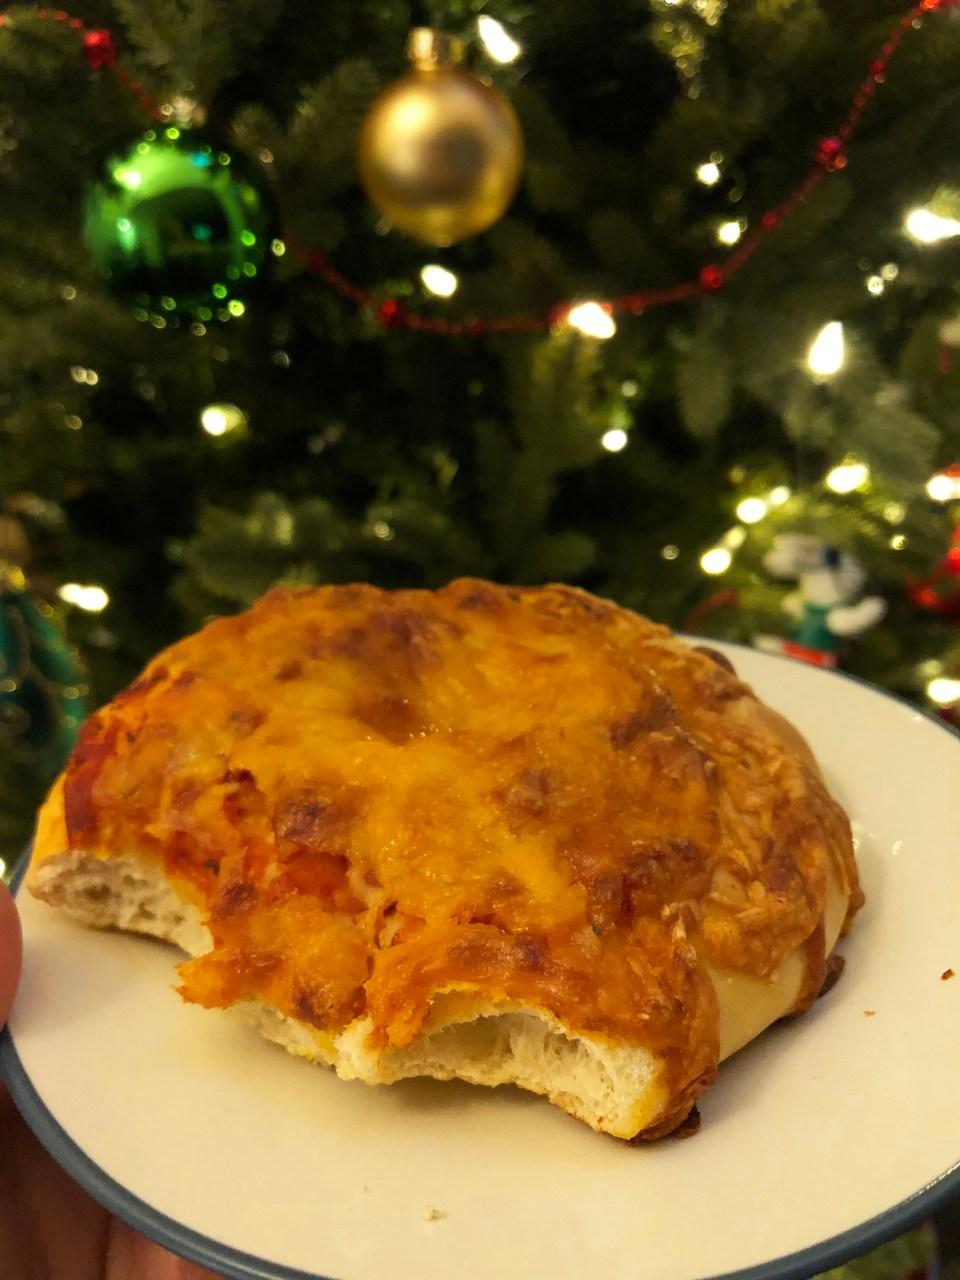 Wegman's Cheese Bialy